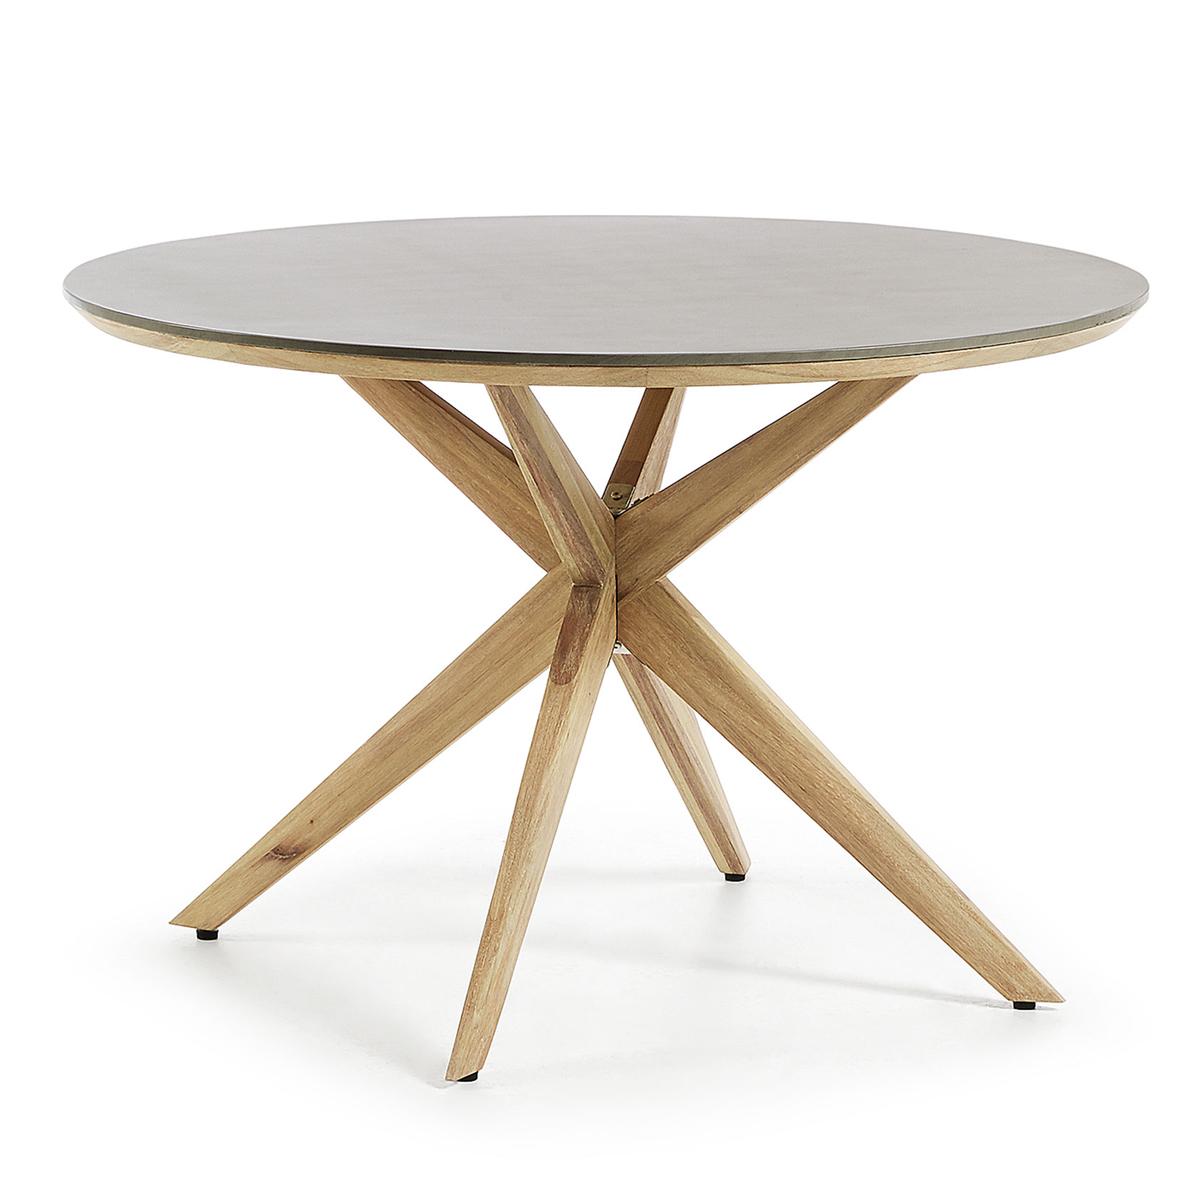 Table ronde avec pieds en étoile - Naturel - Ø 120 cm x 75 cm